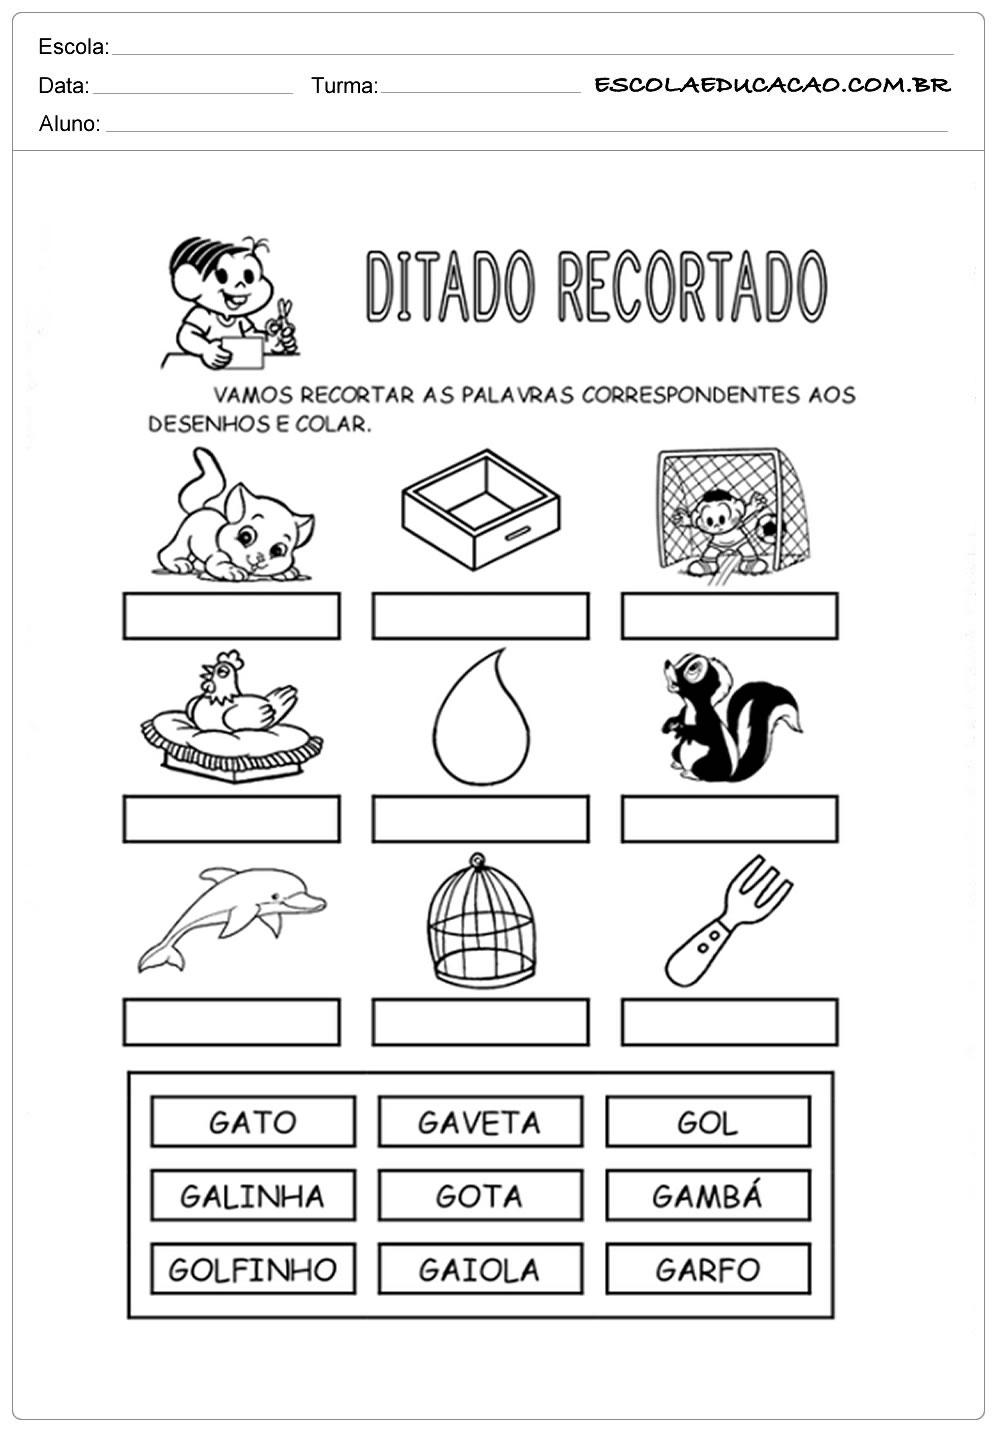 Atividades com a Letra G - Turma da Mônica